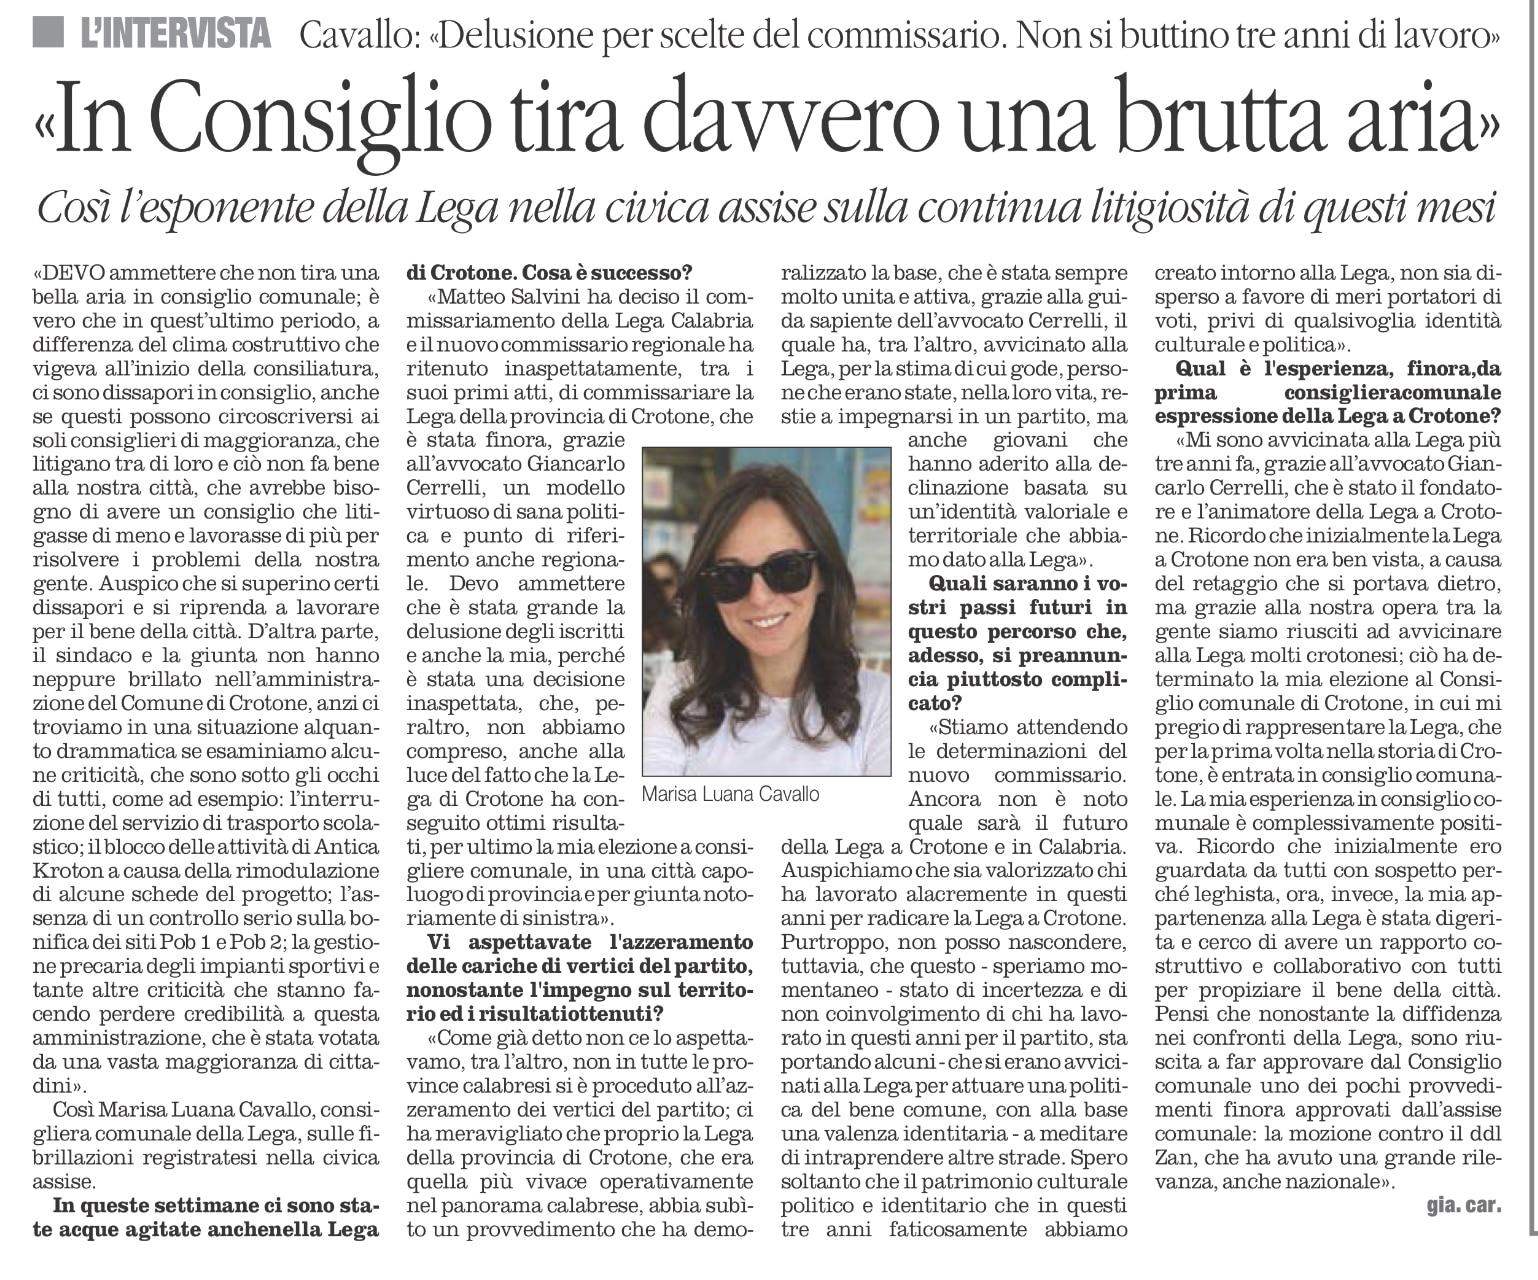 Cavallo (Lega Crotone): delusione per le scelte del commissario. Non si buttino tre anni di lavoro.